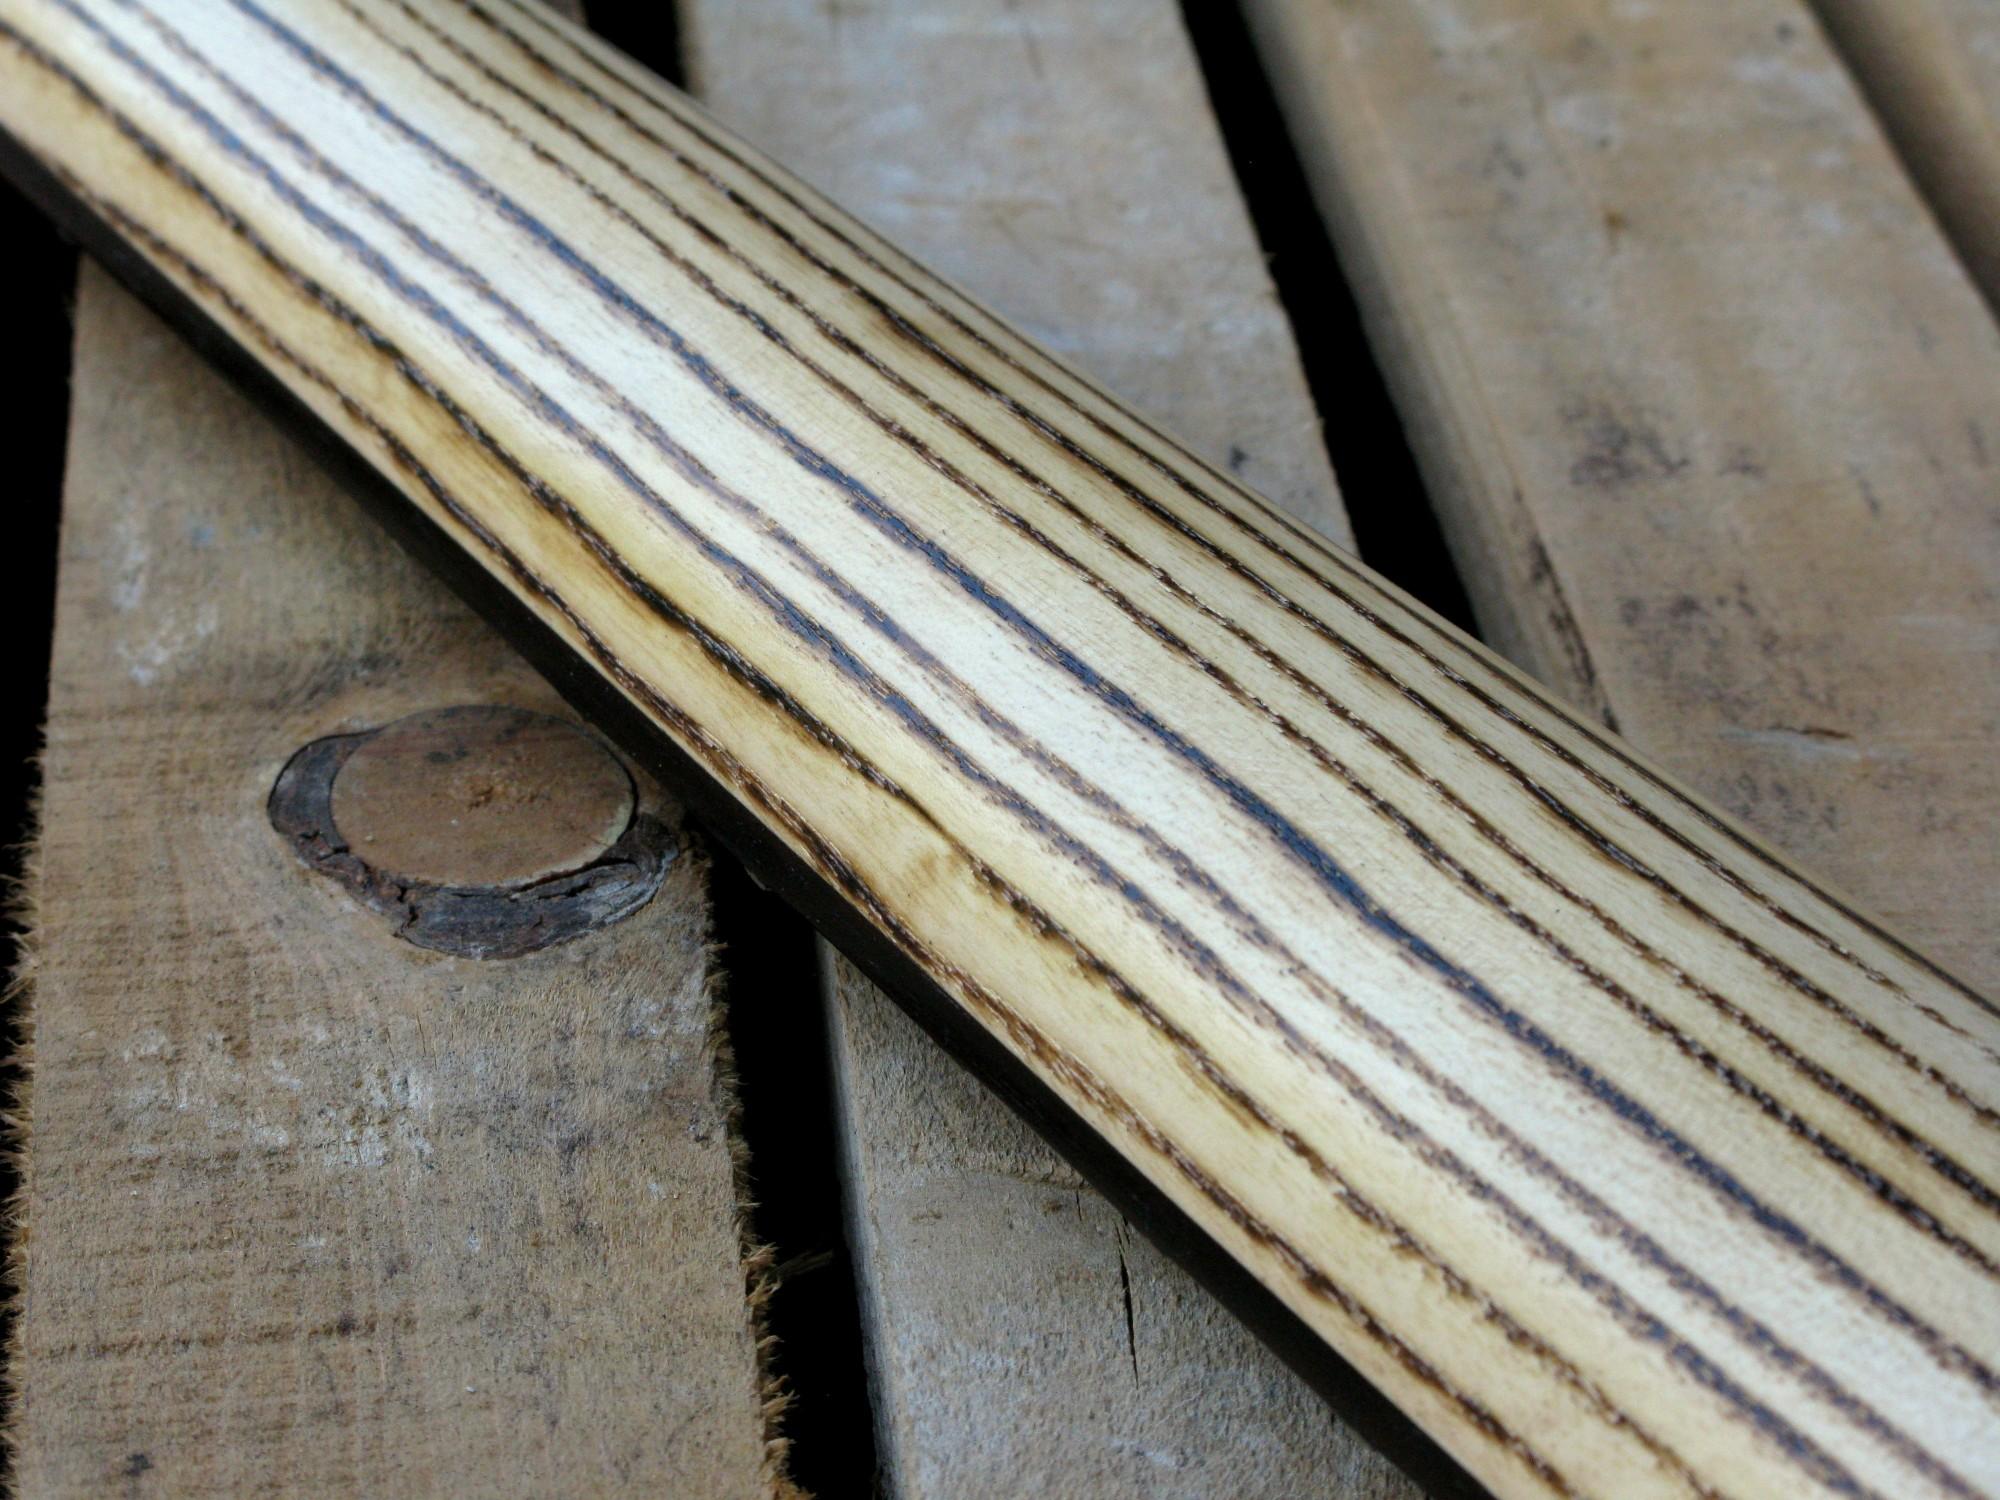 Dettaglio del retro del manico in frassino roasted di una Stratocaster